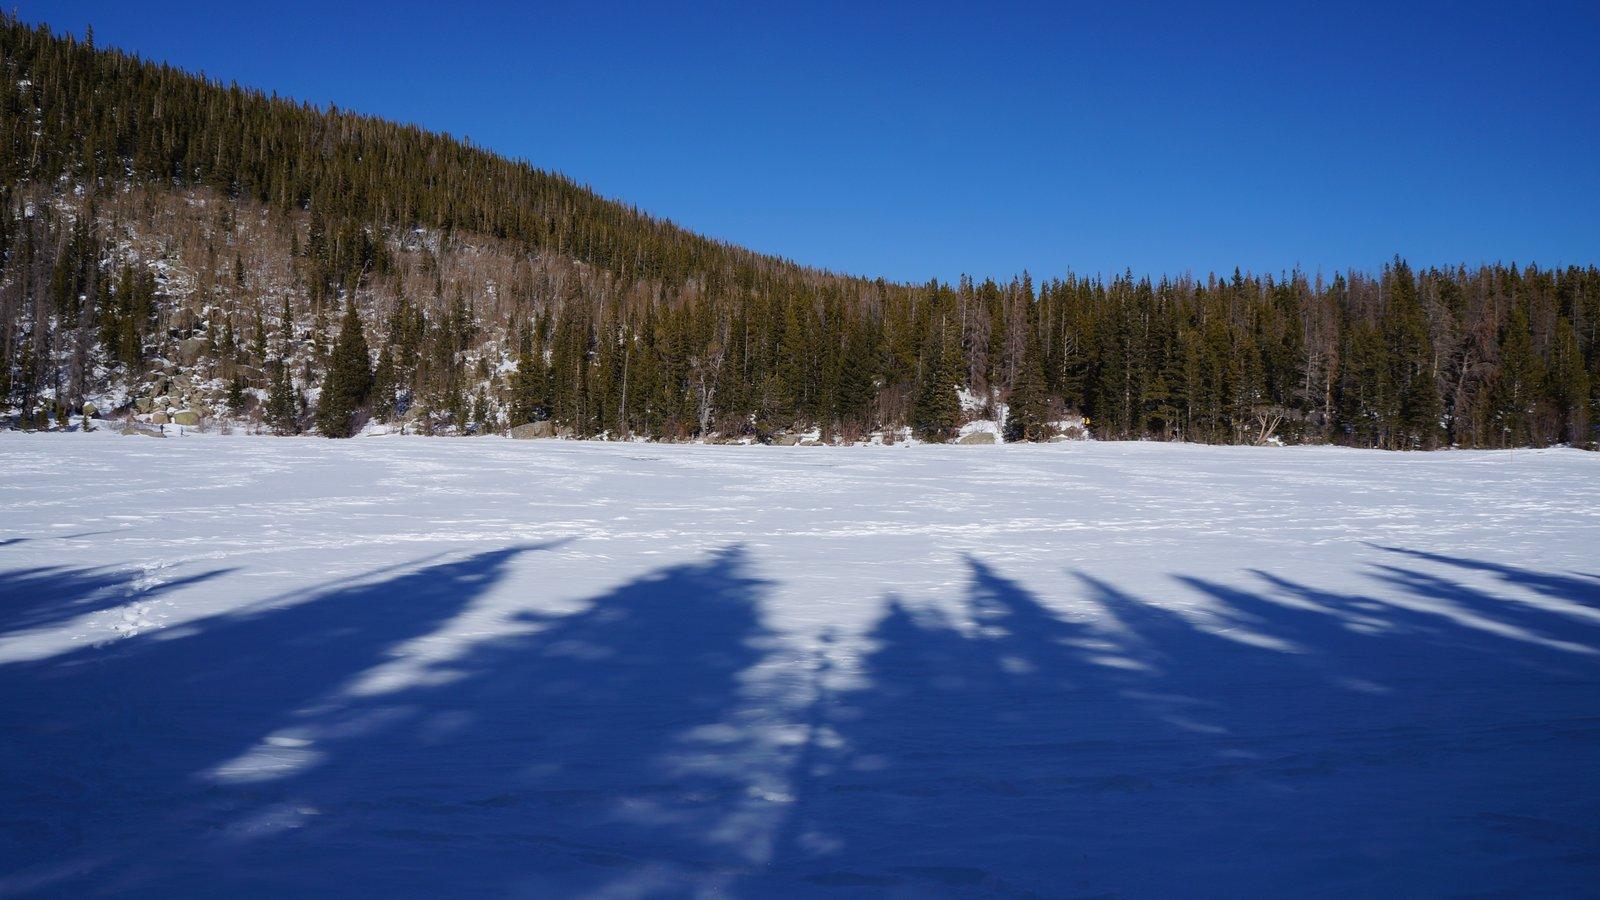 Rocky Mountain National Park que inclui cenas tranquilas e neve